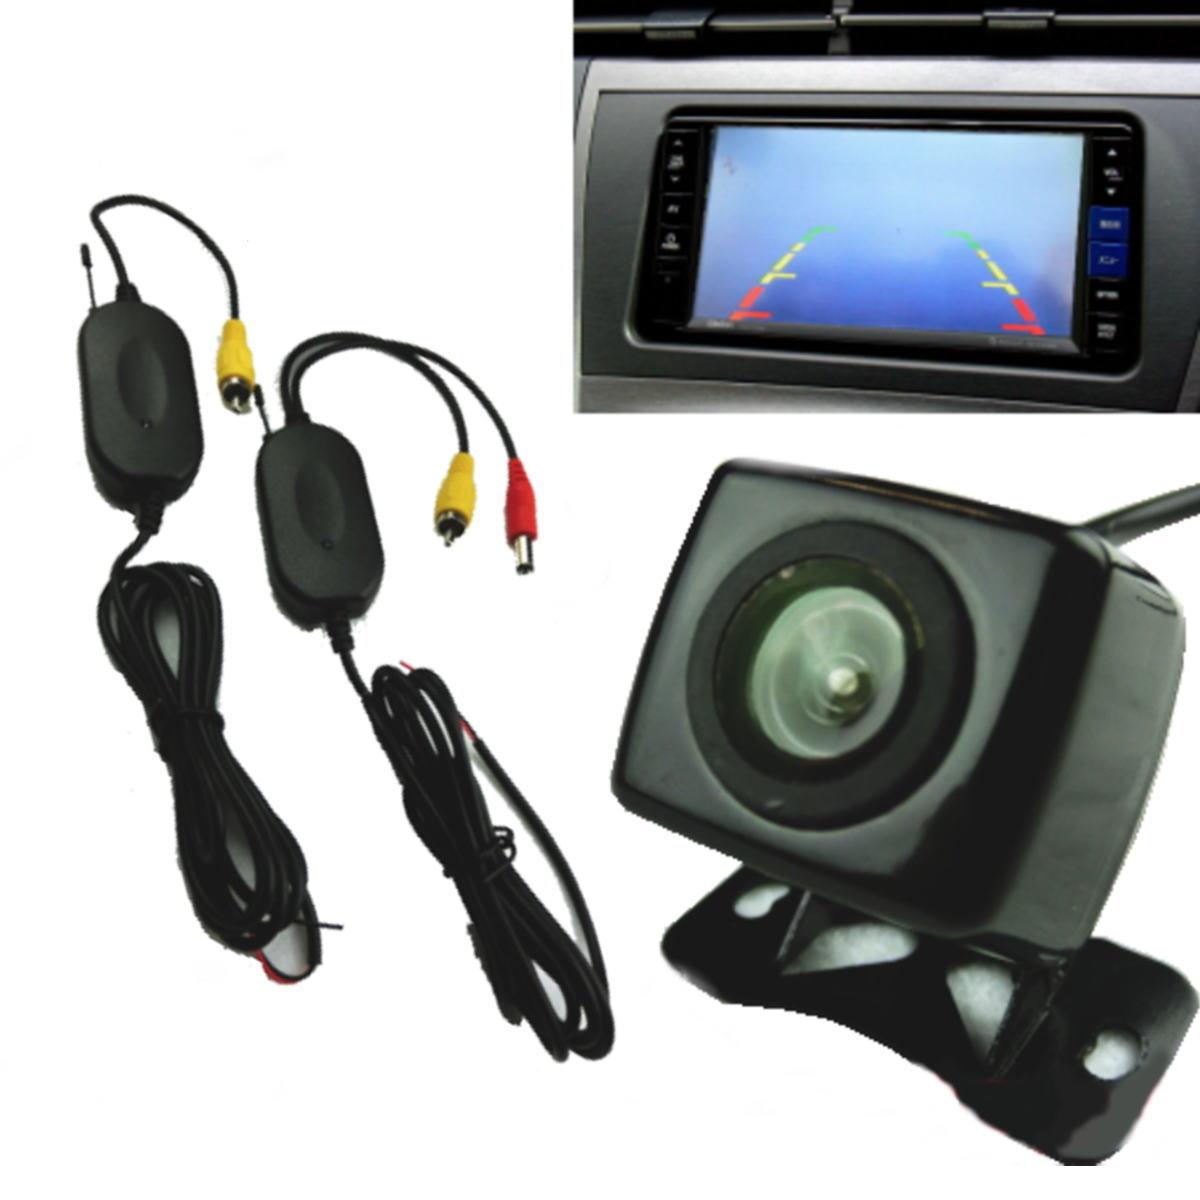 送料無料 カーパーツ カー用品 社外 カスタム ドレスアップ バックモニター ワイヤレス 1台分 セット 2020モデル おしゃれ 即納 フロントカメラ バックカメラ 広角 防水 無線 角型 汎用 小型 ガイドライン有